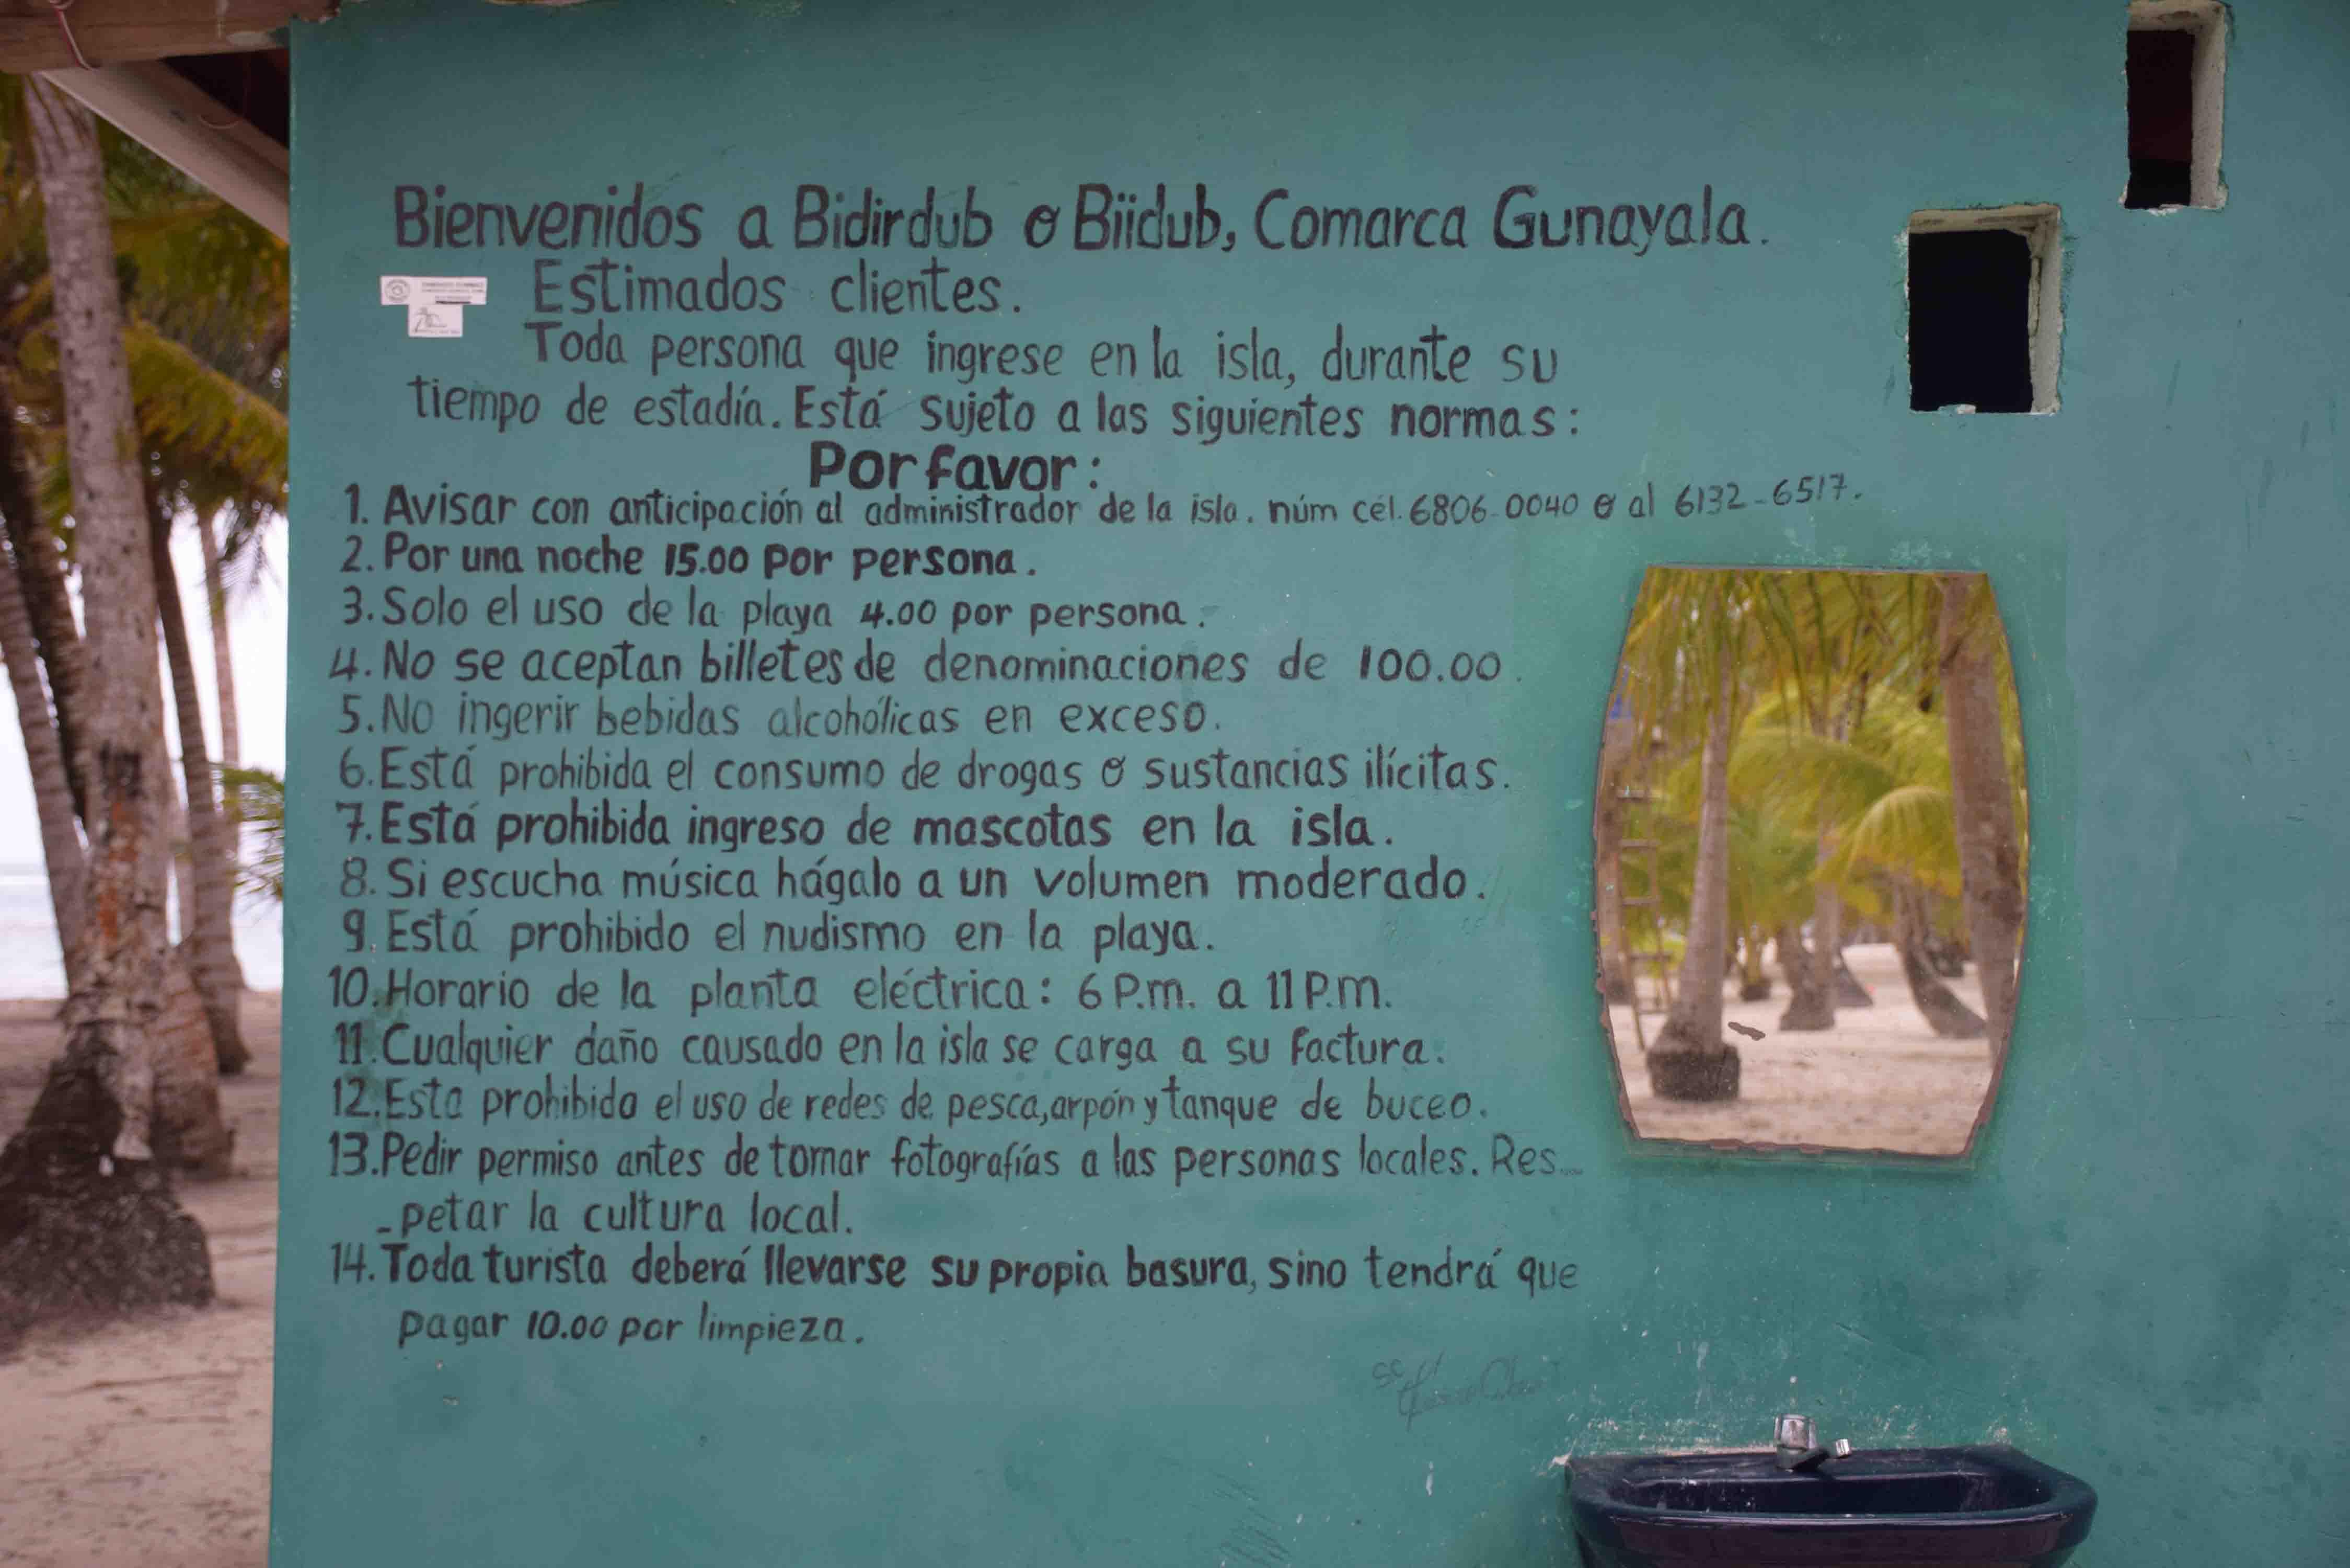 Isla Bidirdub - San Blas - Panamá